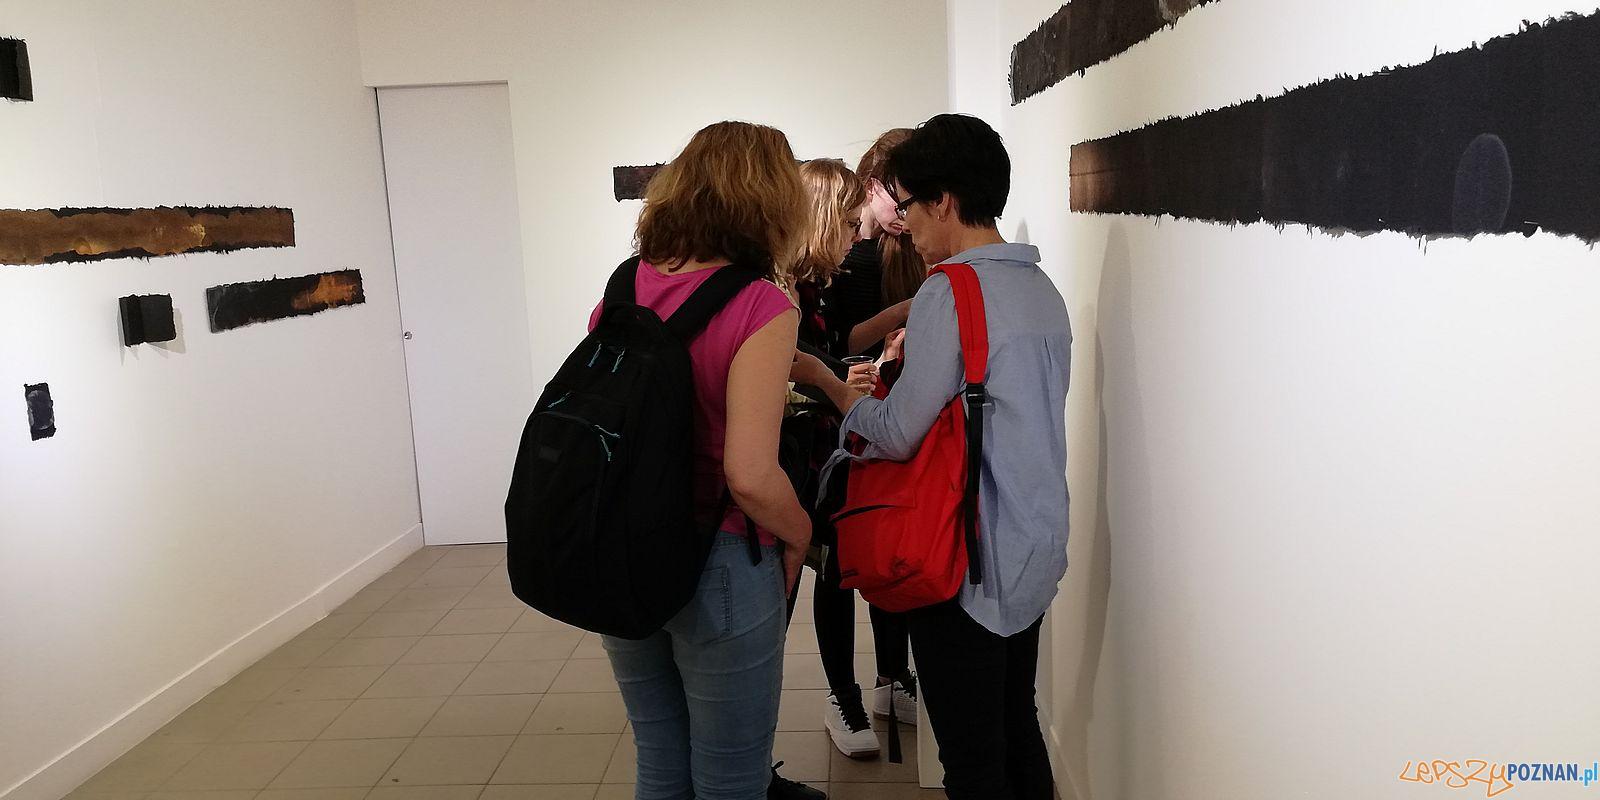 Żałobny dziennik - wystawa Barbary Mydlak w Galerii JAK  Foto: Tomasz Dworek